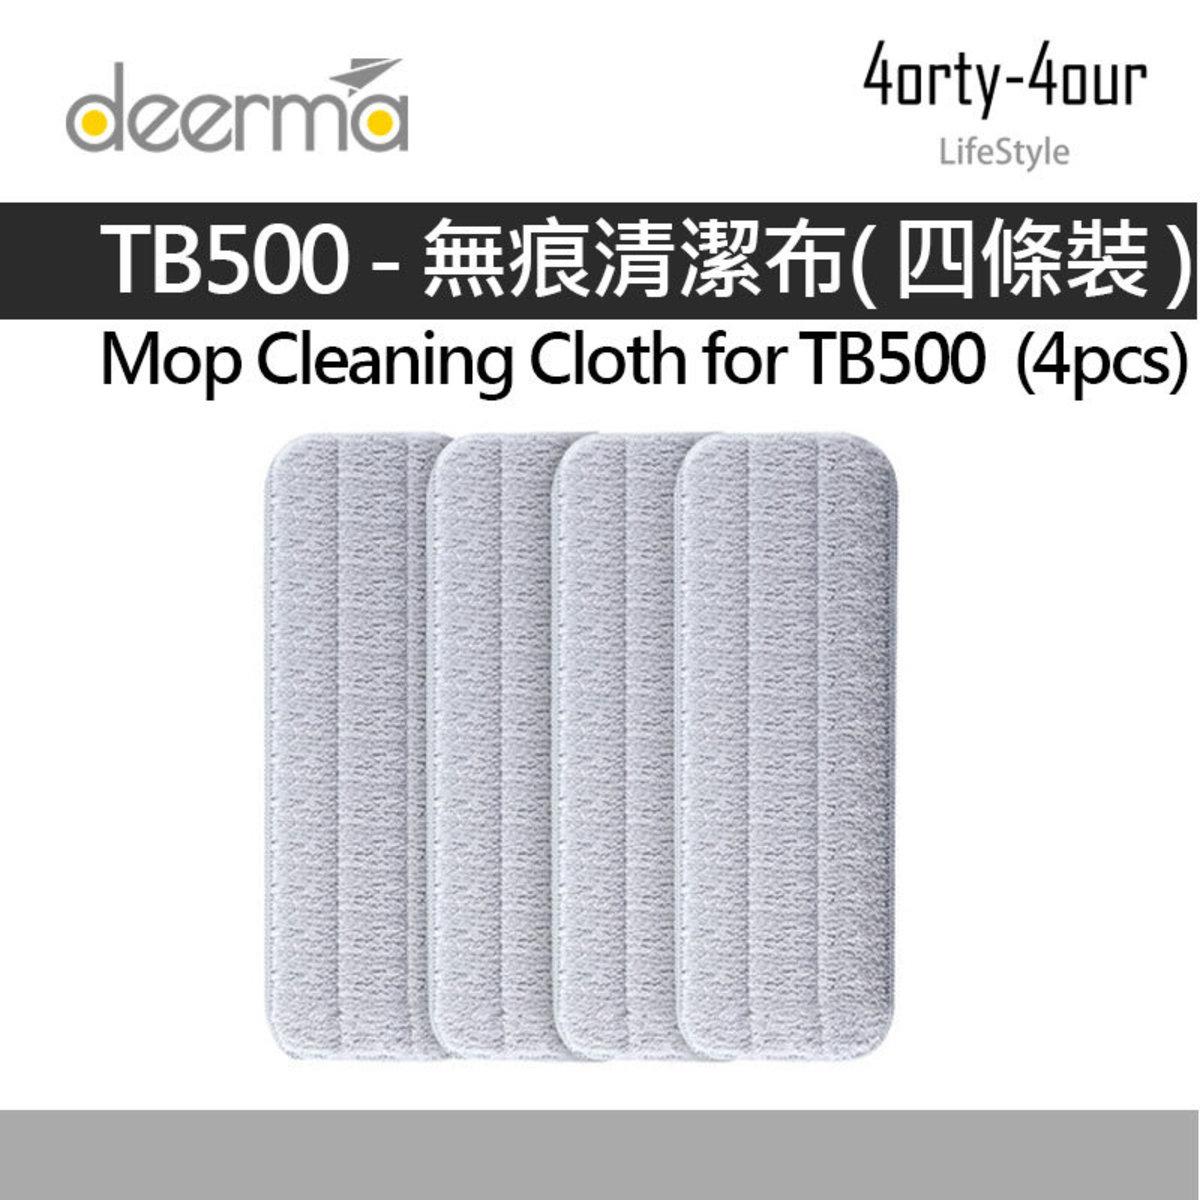 德爾瑪 無痕清潔布 適配噴水拖把 TB500 - 四條裝